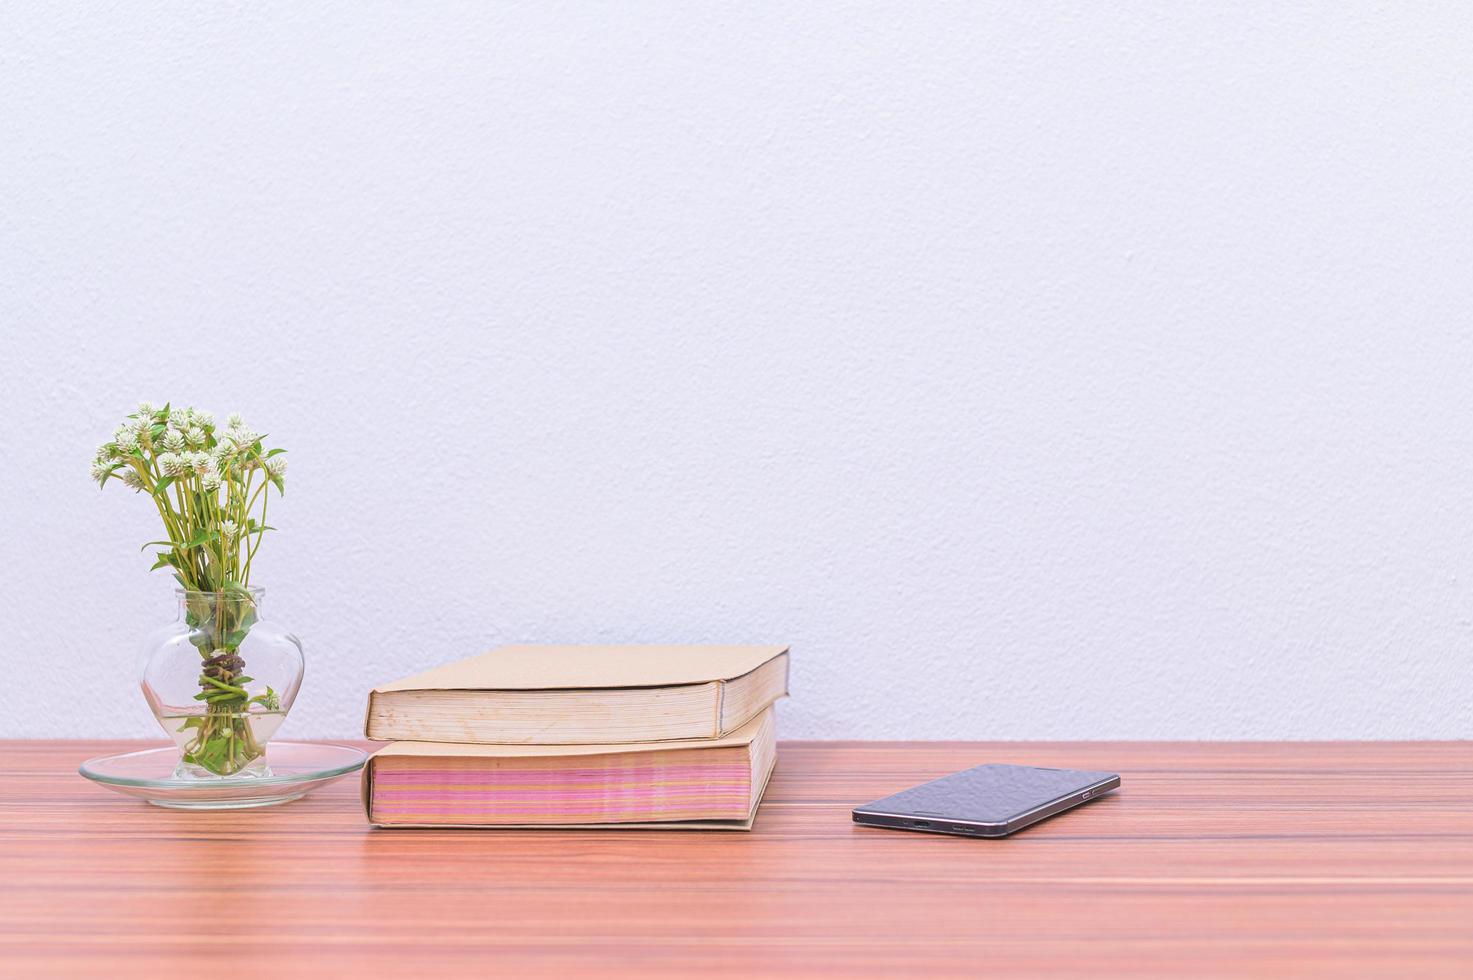 boeken en bloemen op het bureau foto